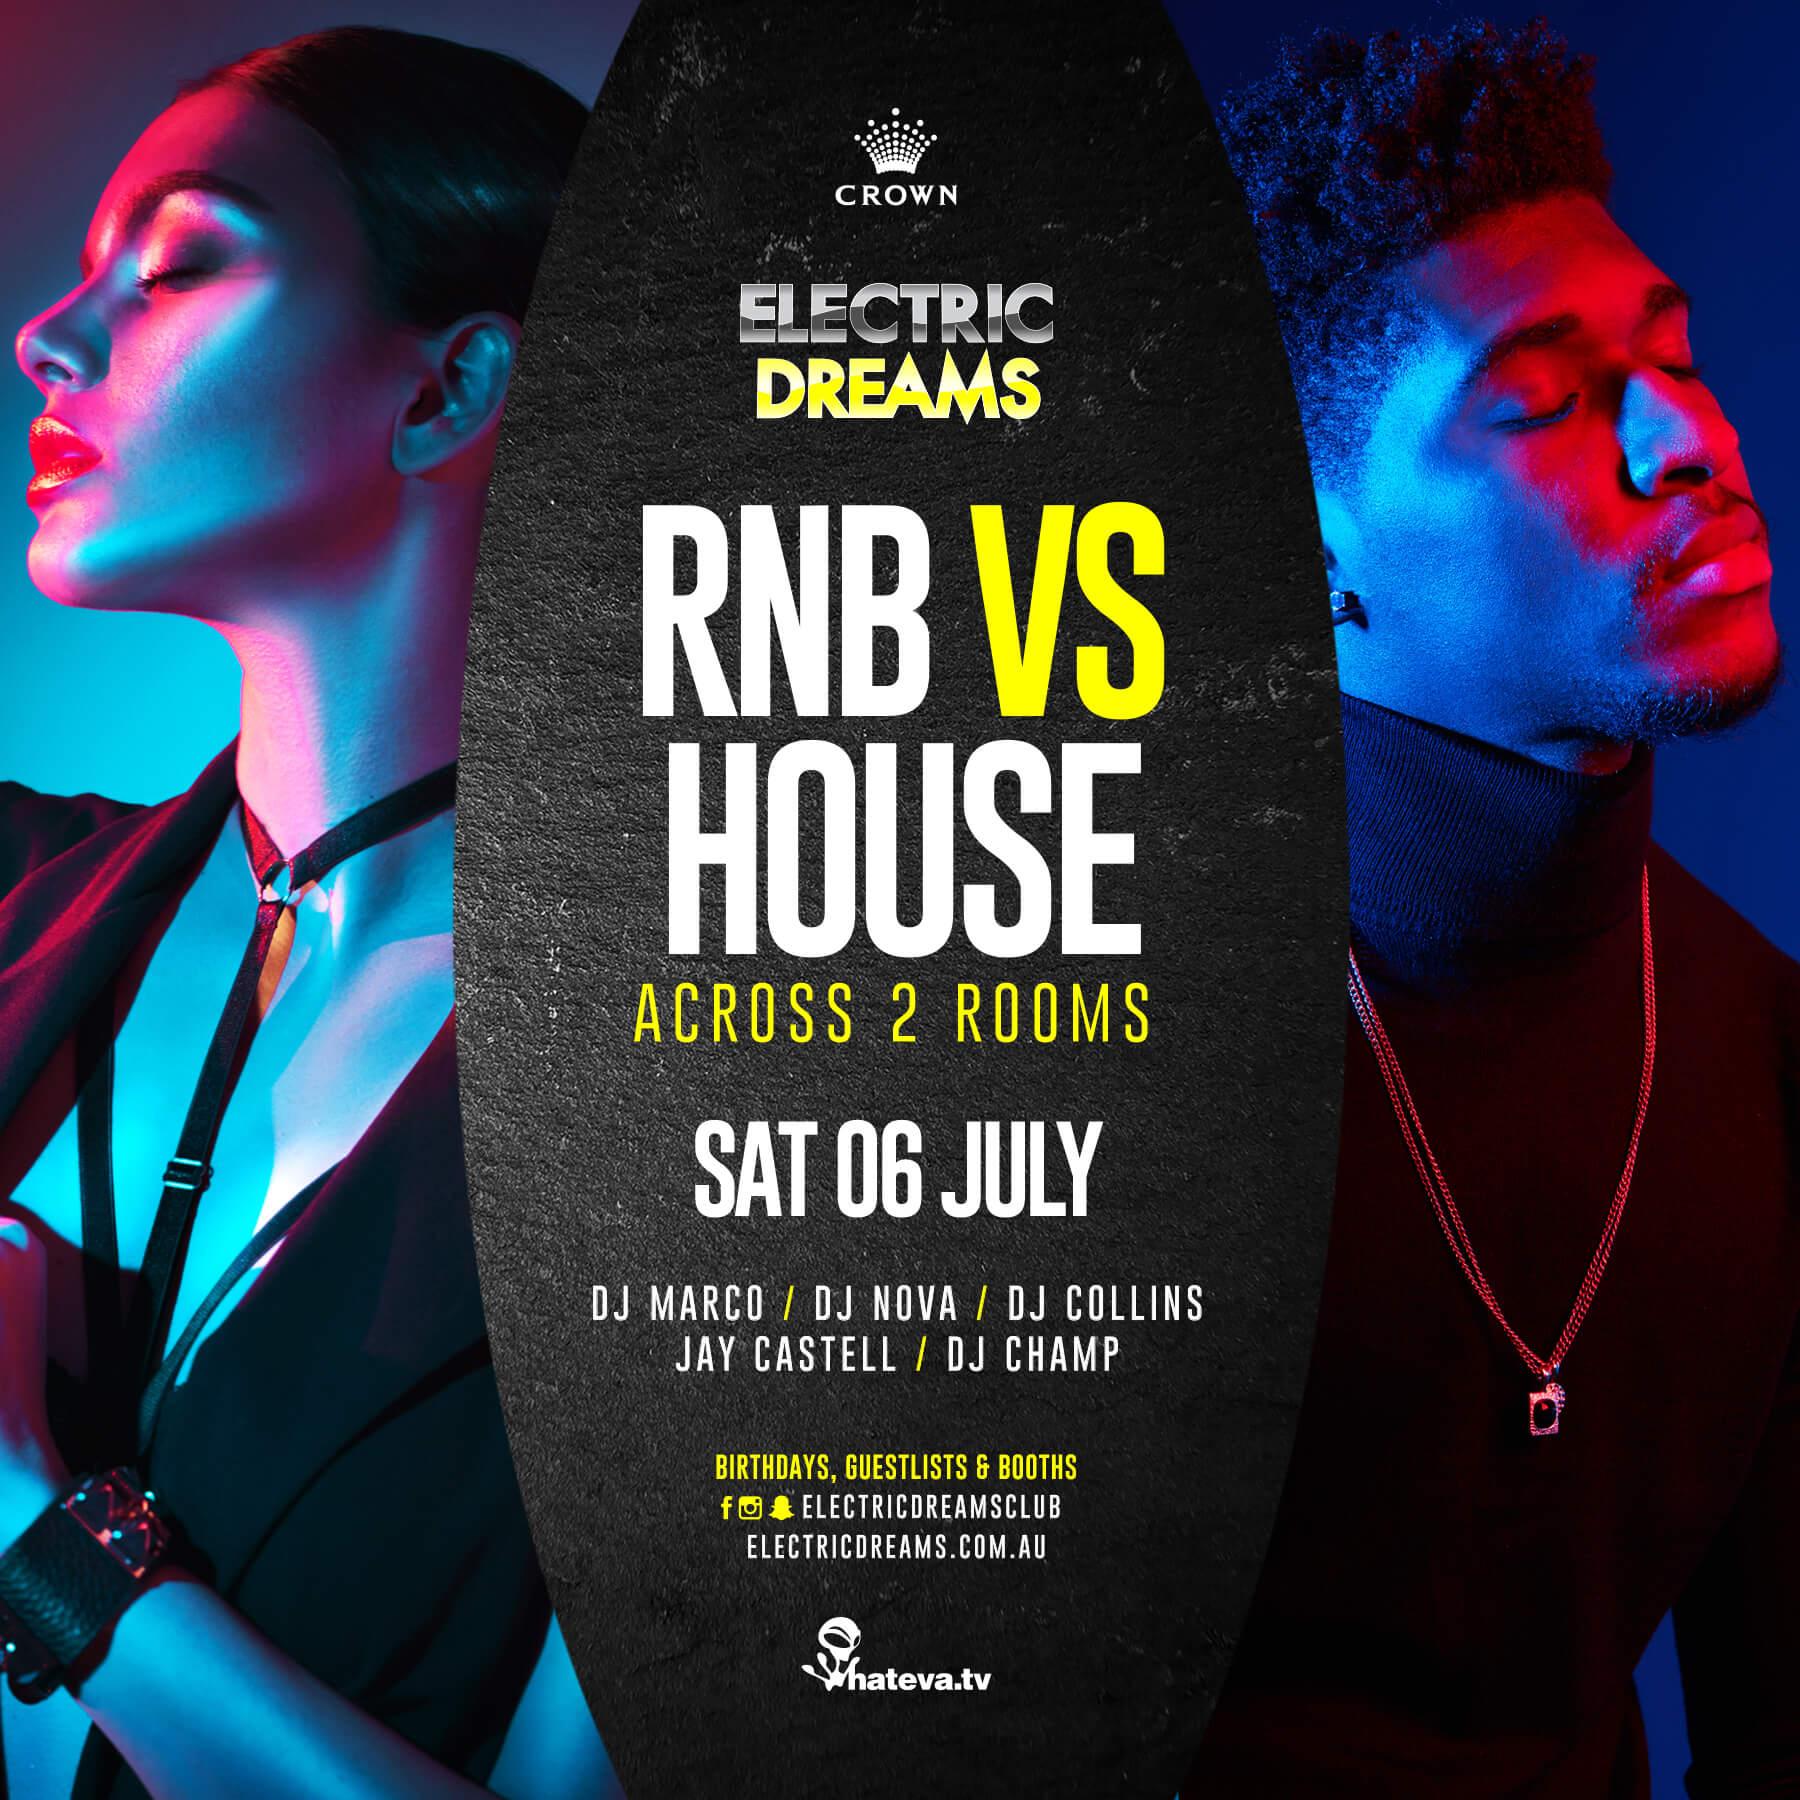 ED_July_06_HOUSE_vs_RNB_V1 (1).jpg